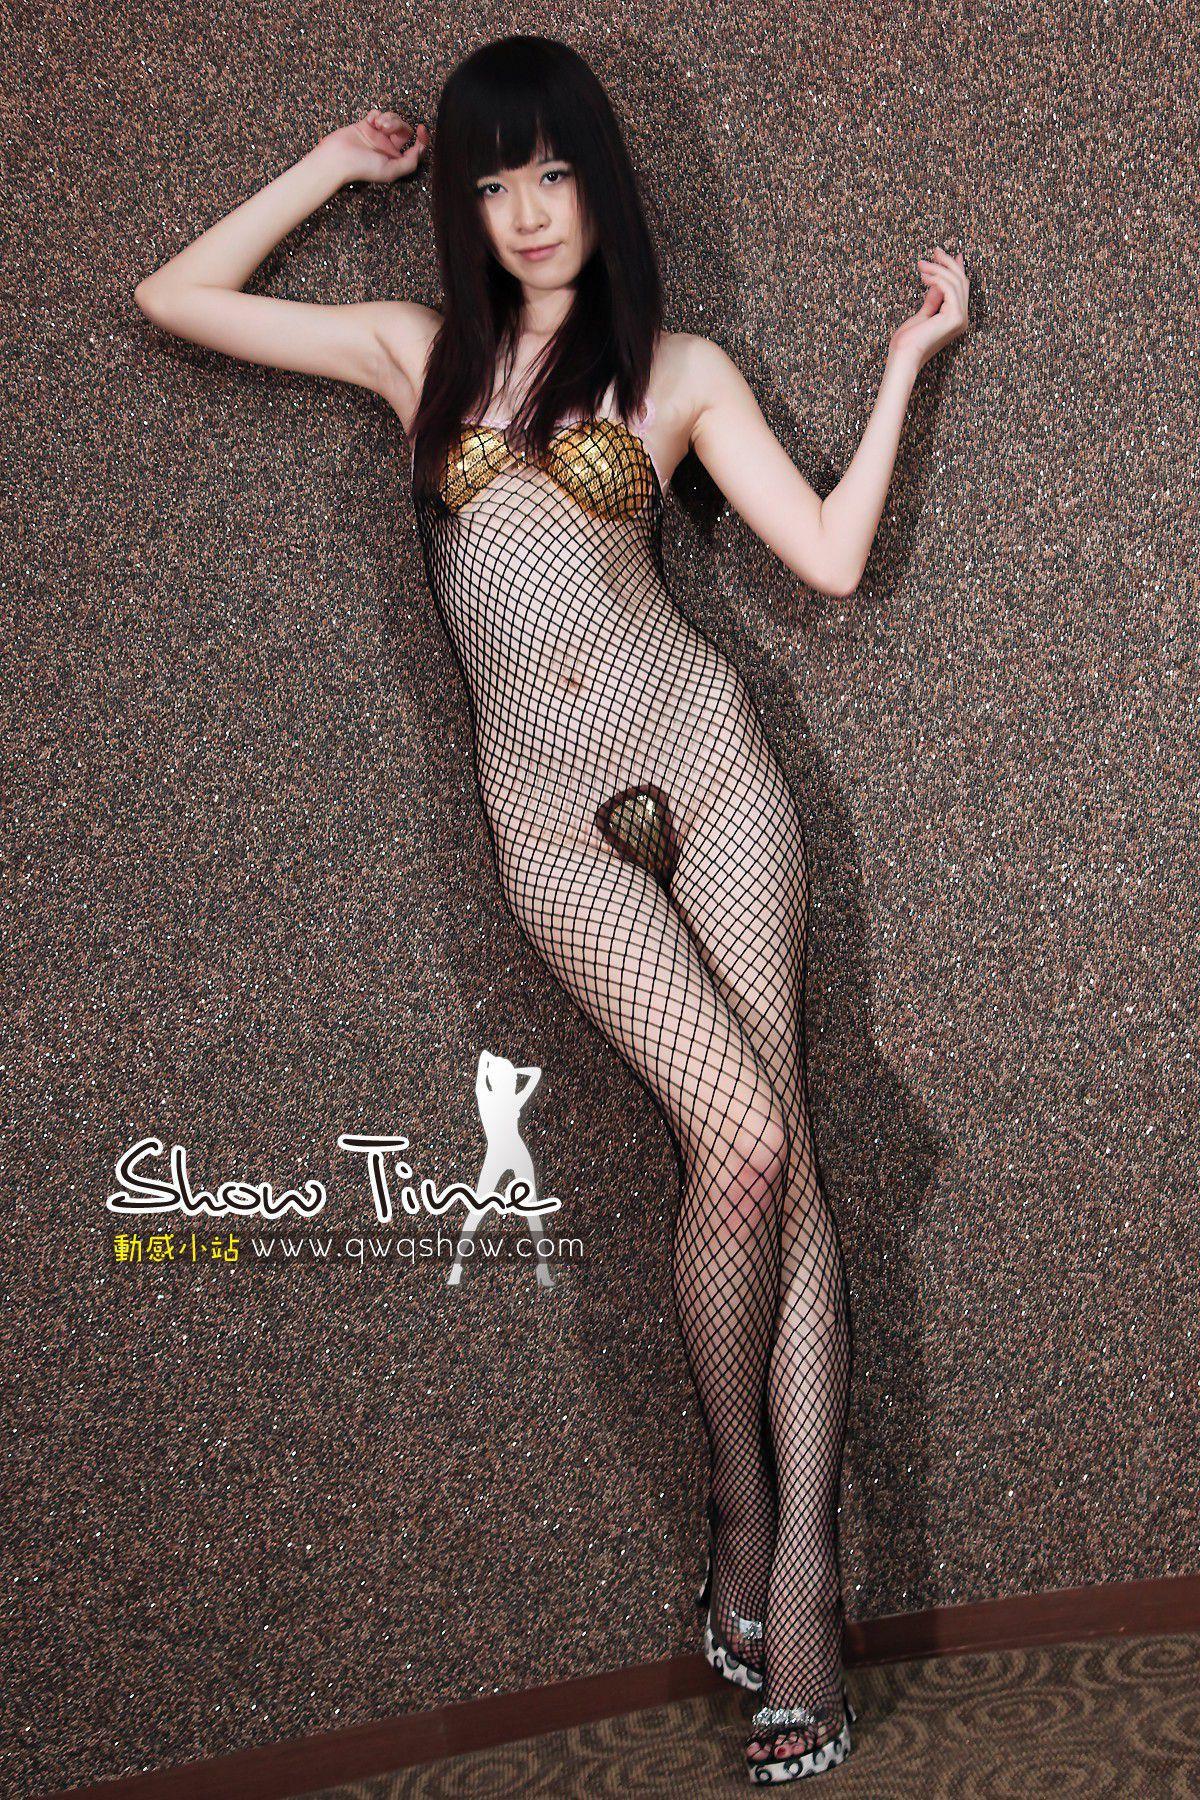 VOL.1484 [动感之星]网衣丝袜人体:动感小站娜娜(动感之星娜娜)高品质写真套图(40P)